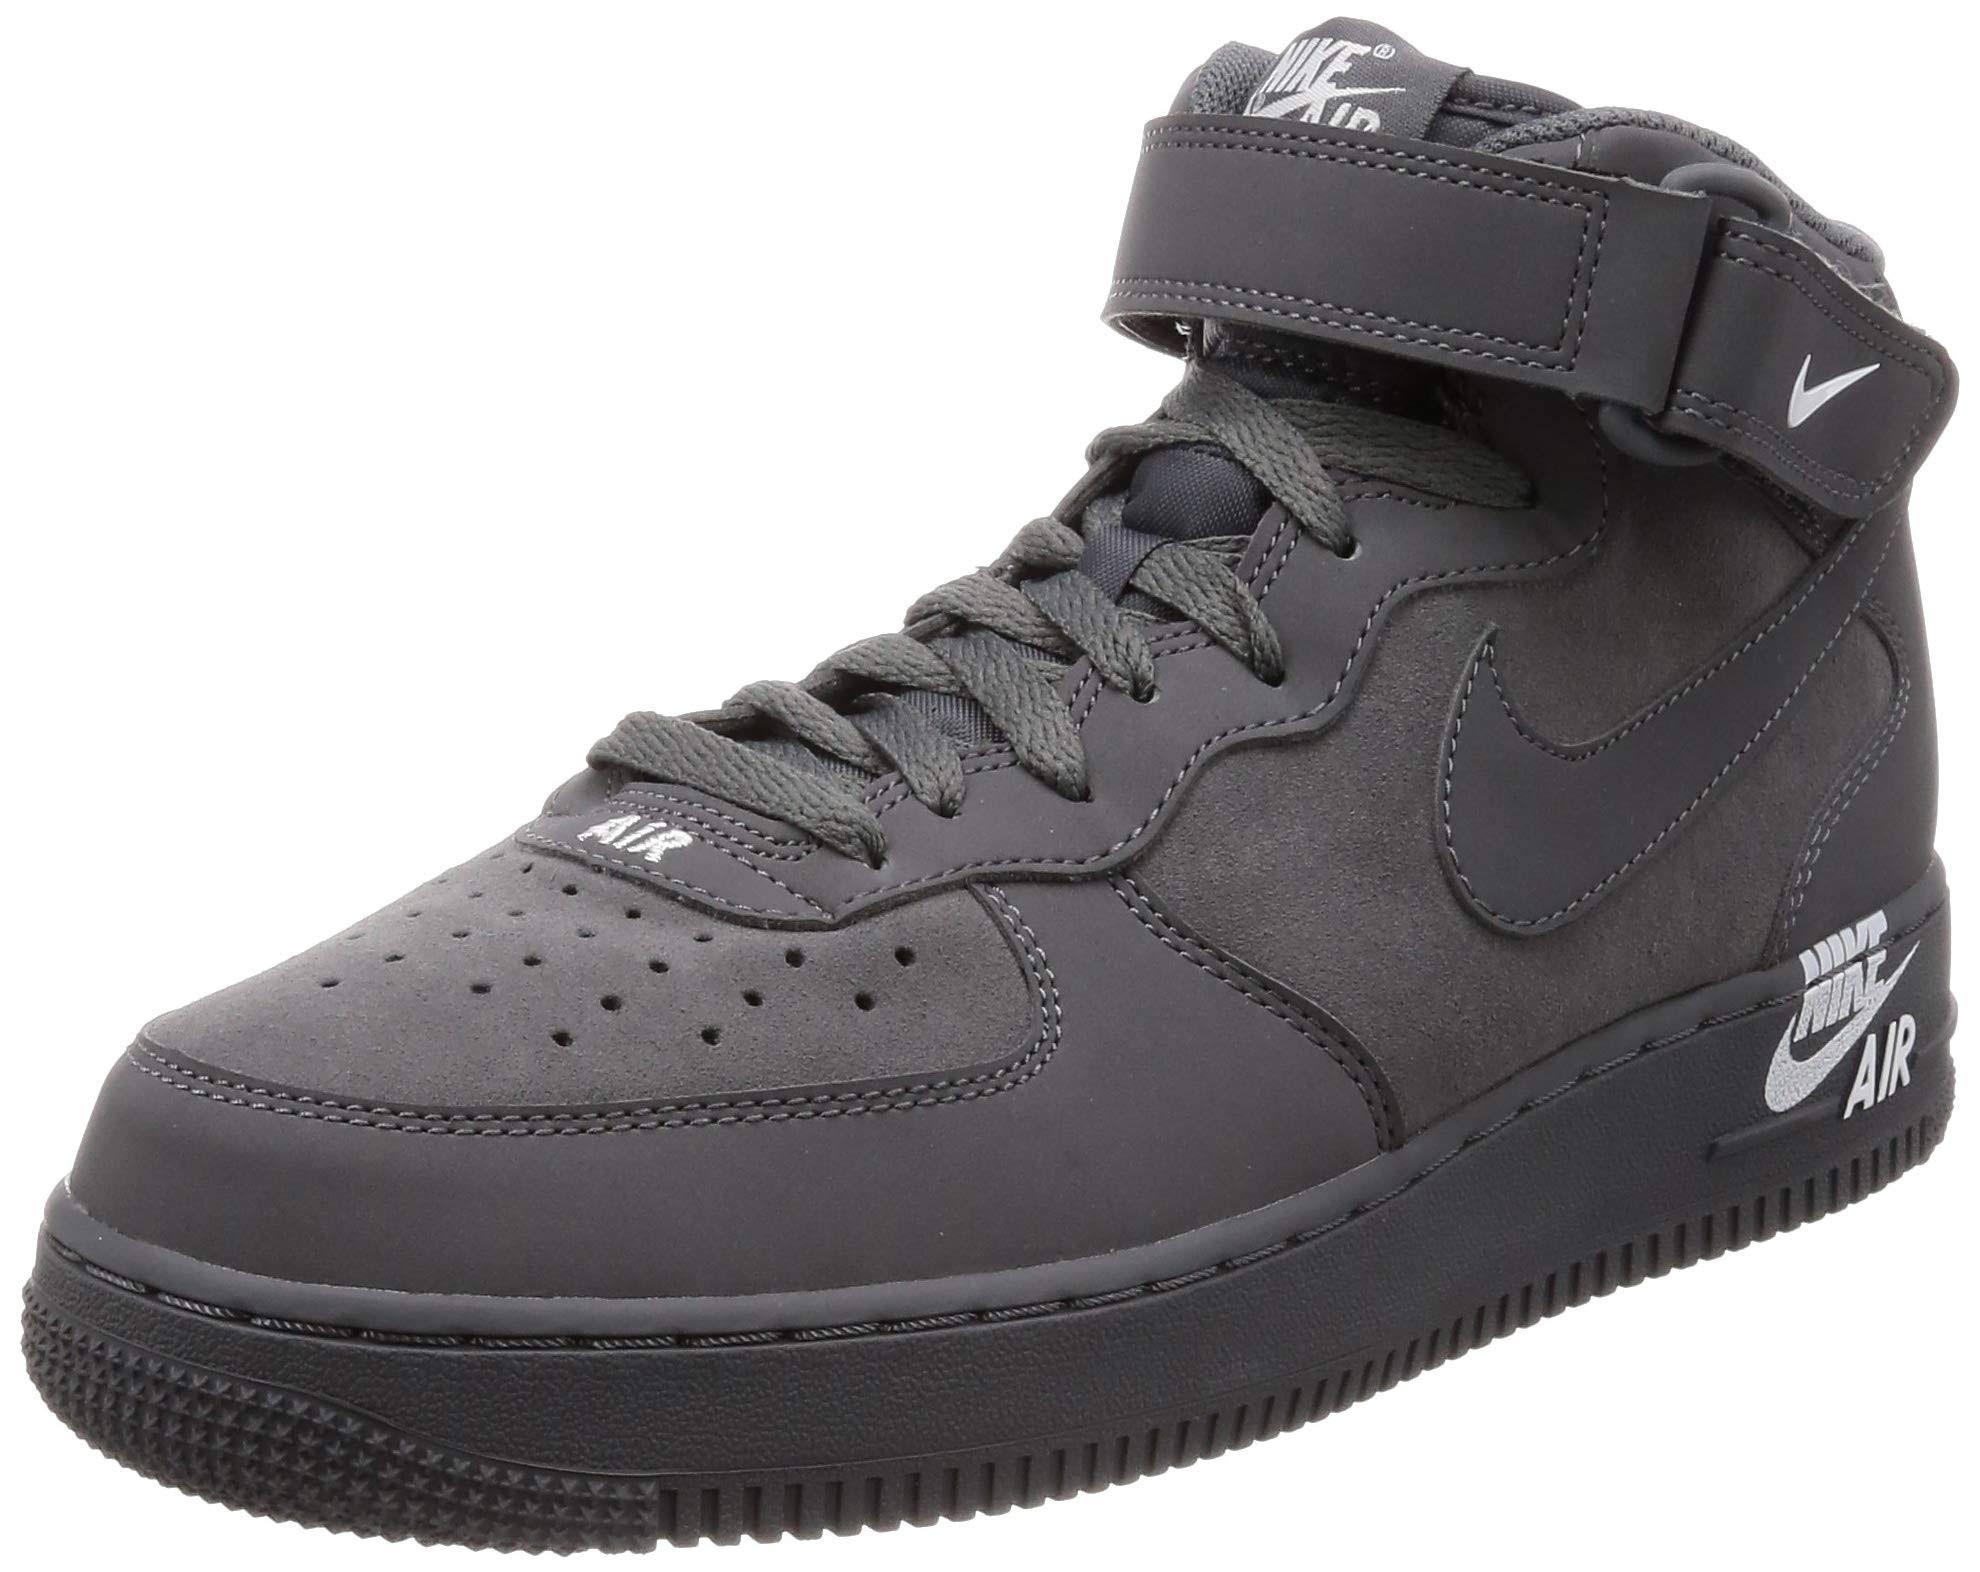 Nike Air 07 Mid 1 12 Schoenmaat Donkergrijswit Force Heren Grey CdtxhrsQ